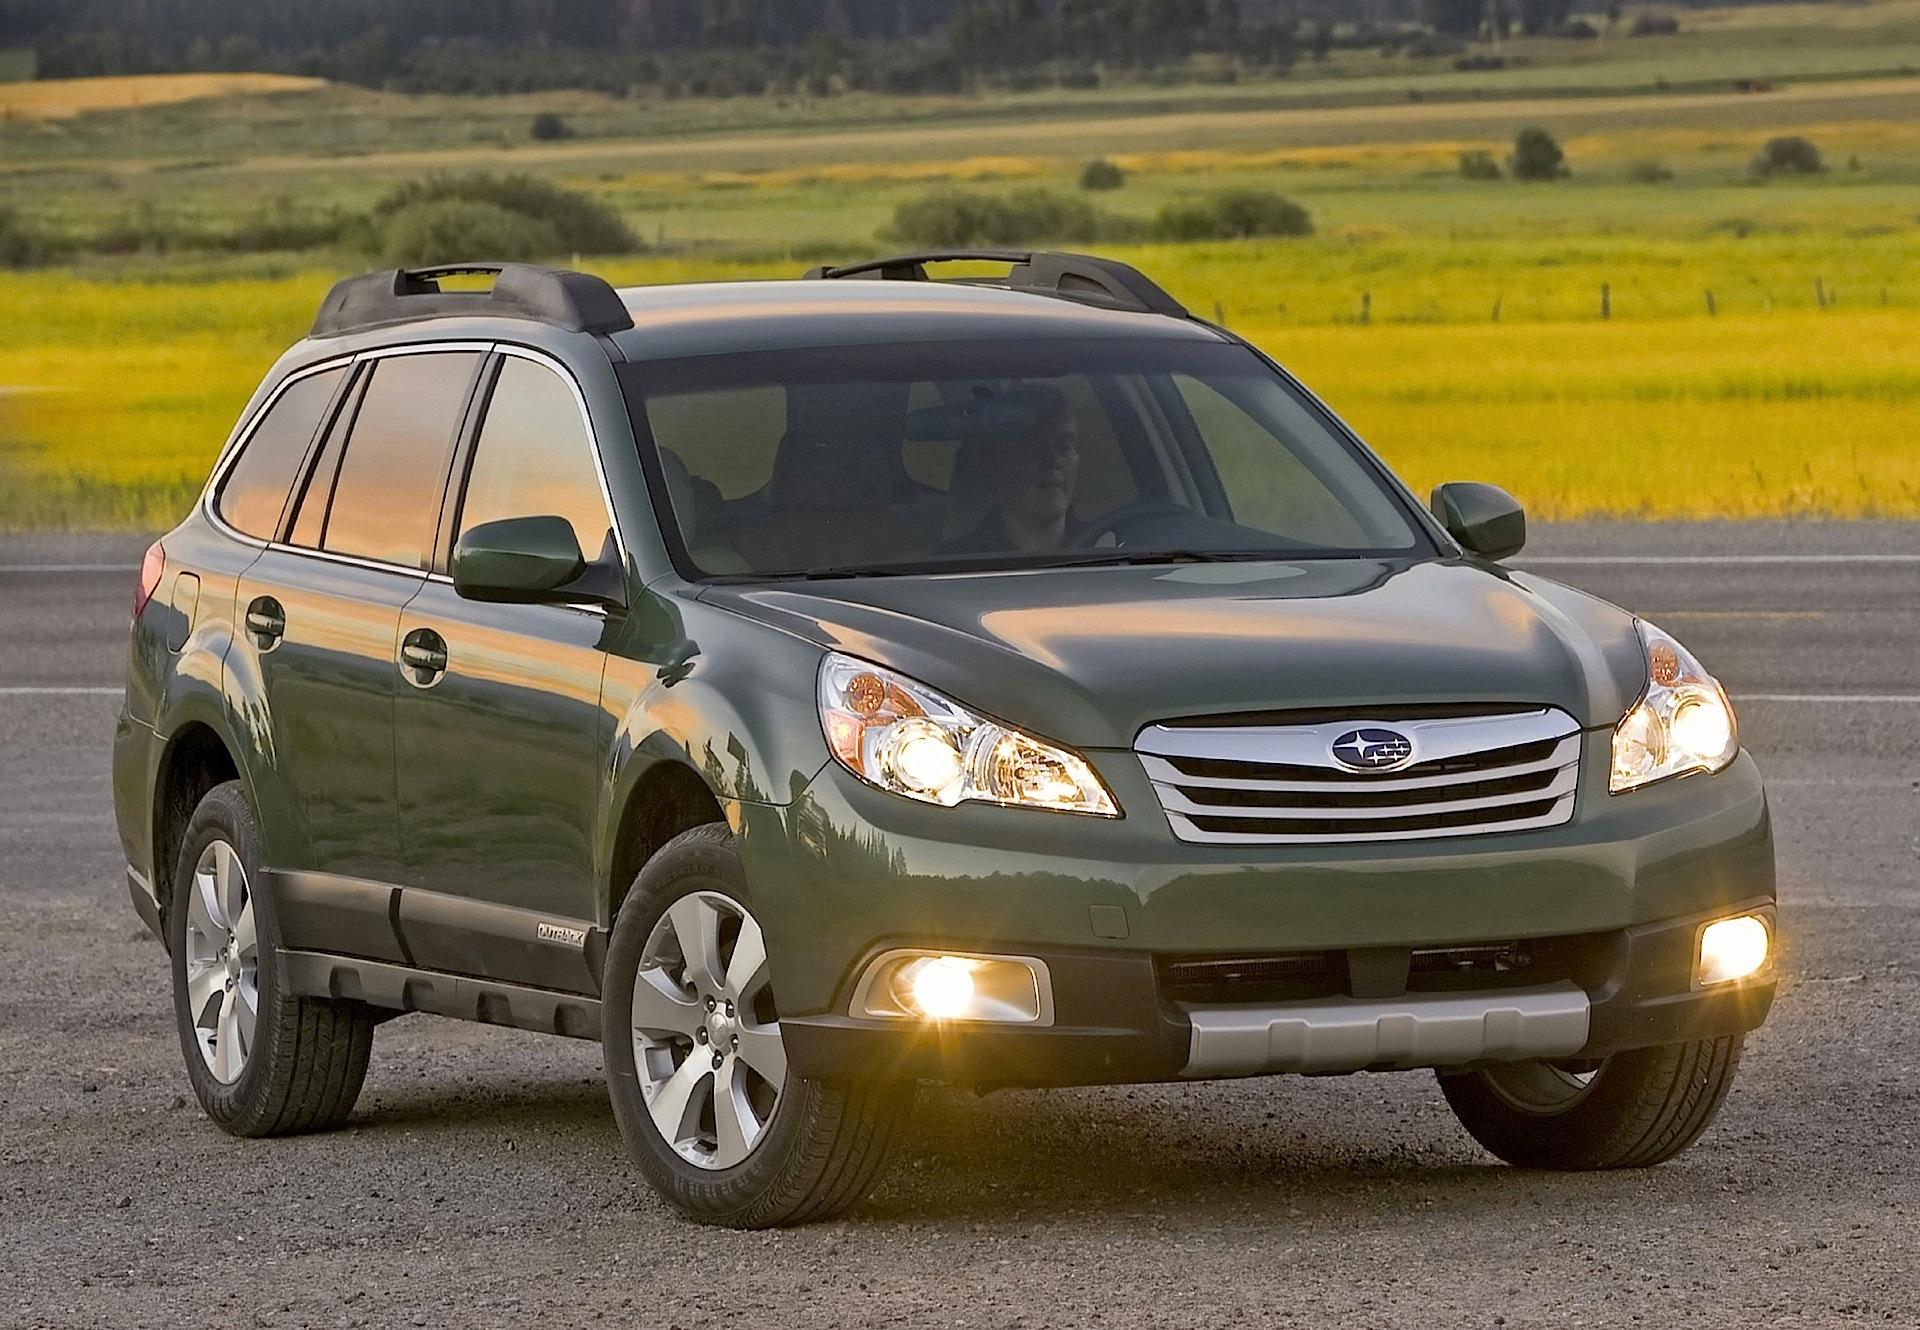 SUBARU Outback - 2009, 2010, 2011, 2012, 2013, 2014 ... |2009 Subaru Outback